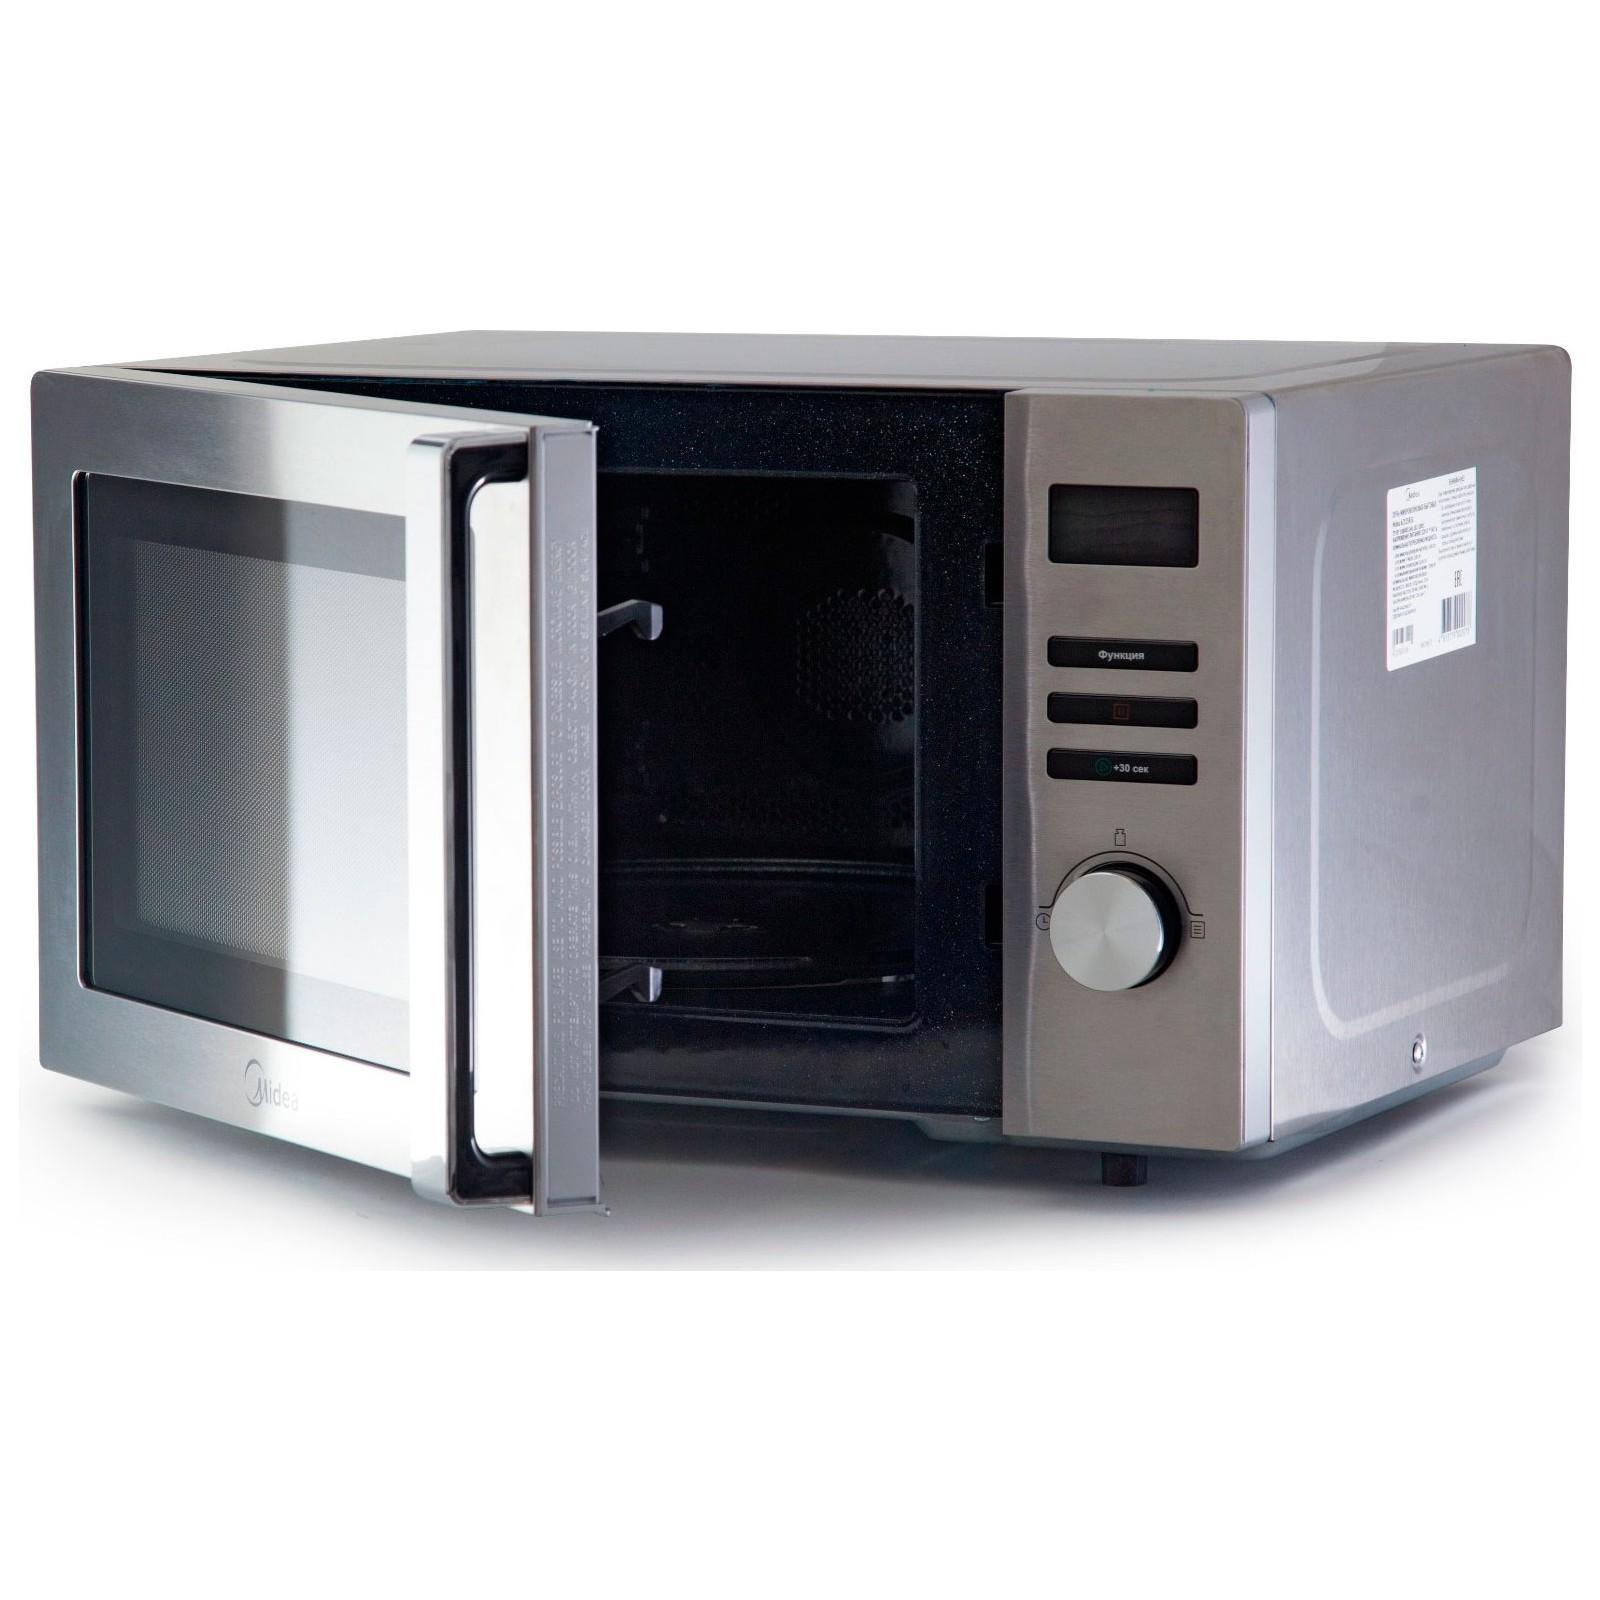 Микроволновая печь MIDEA AC925N3A изображение 3